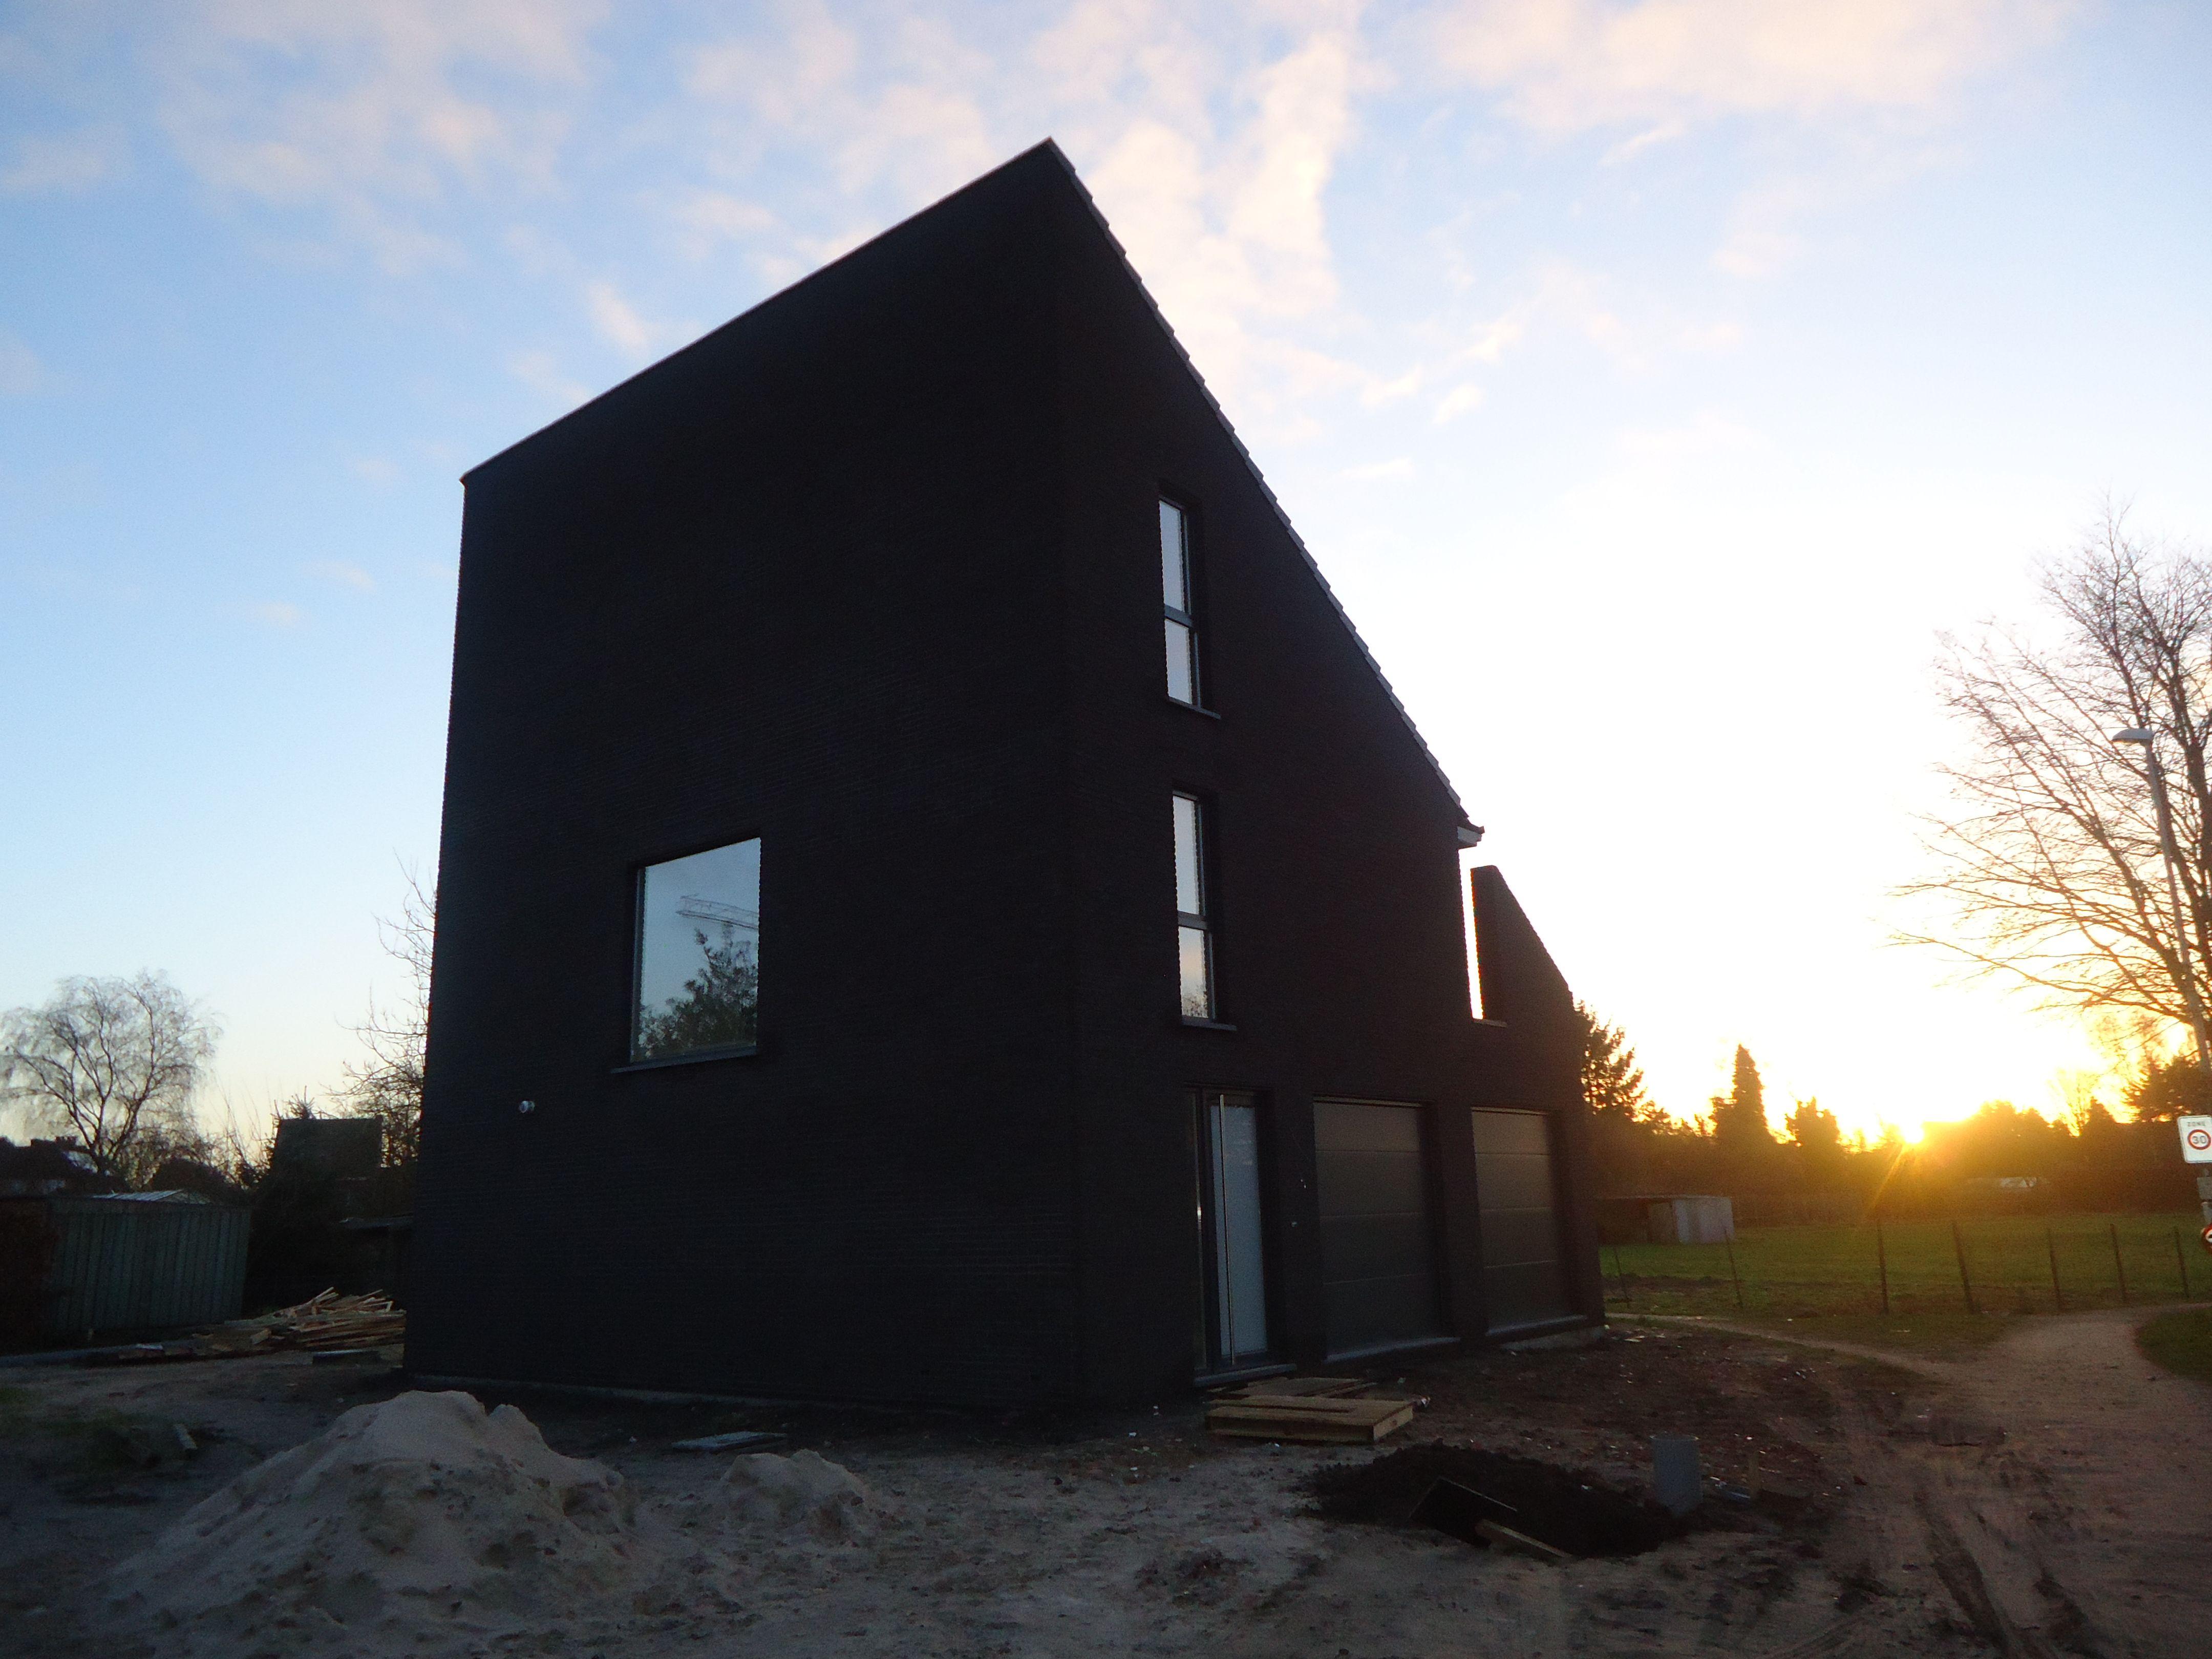 Een moderne vrijstaande woning met lessenaarsdak for Moderne vrijstaande woning